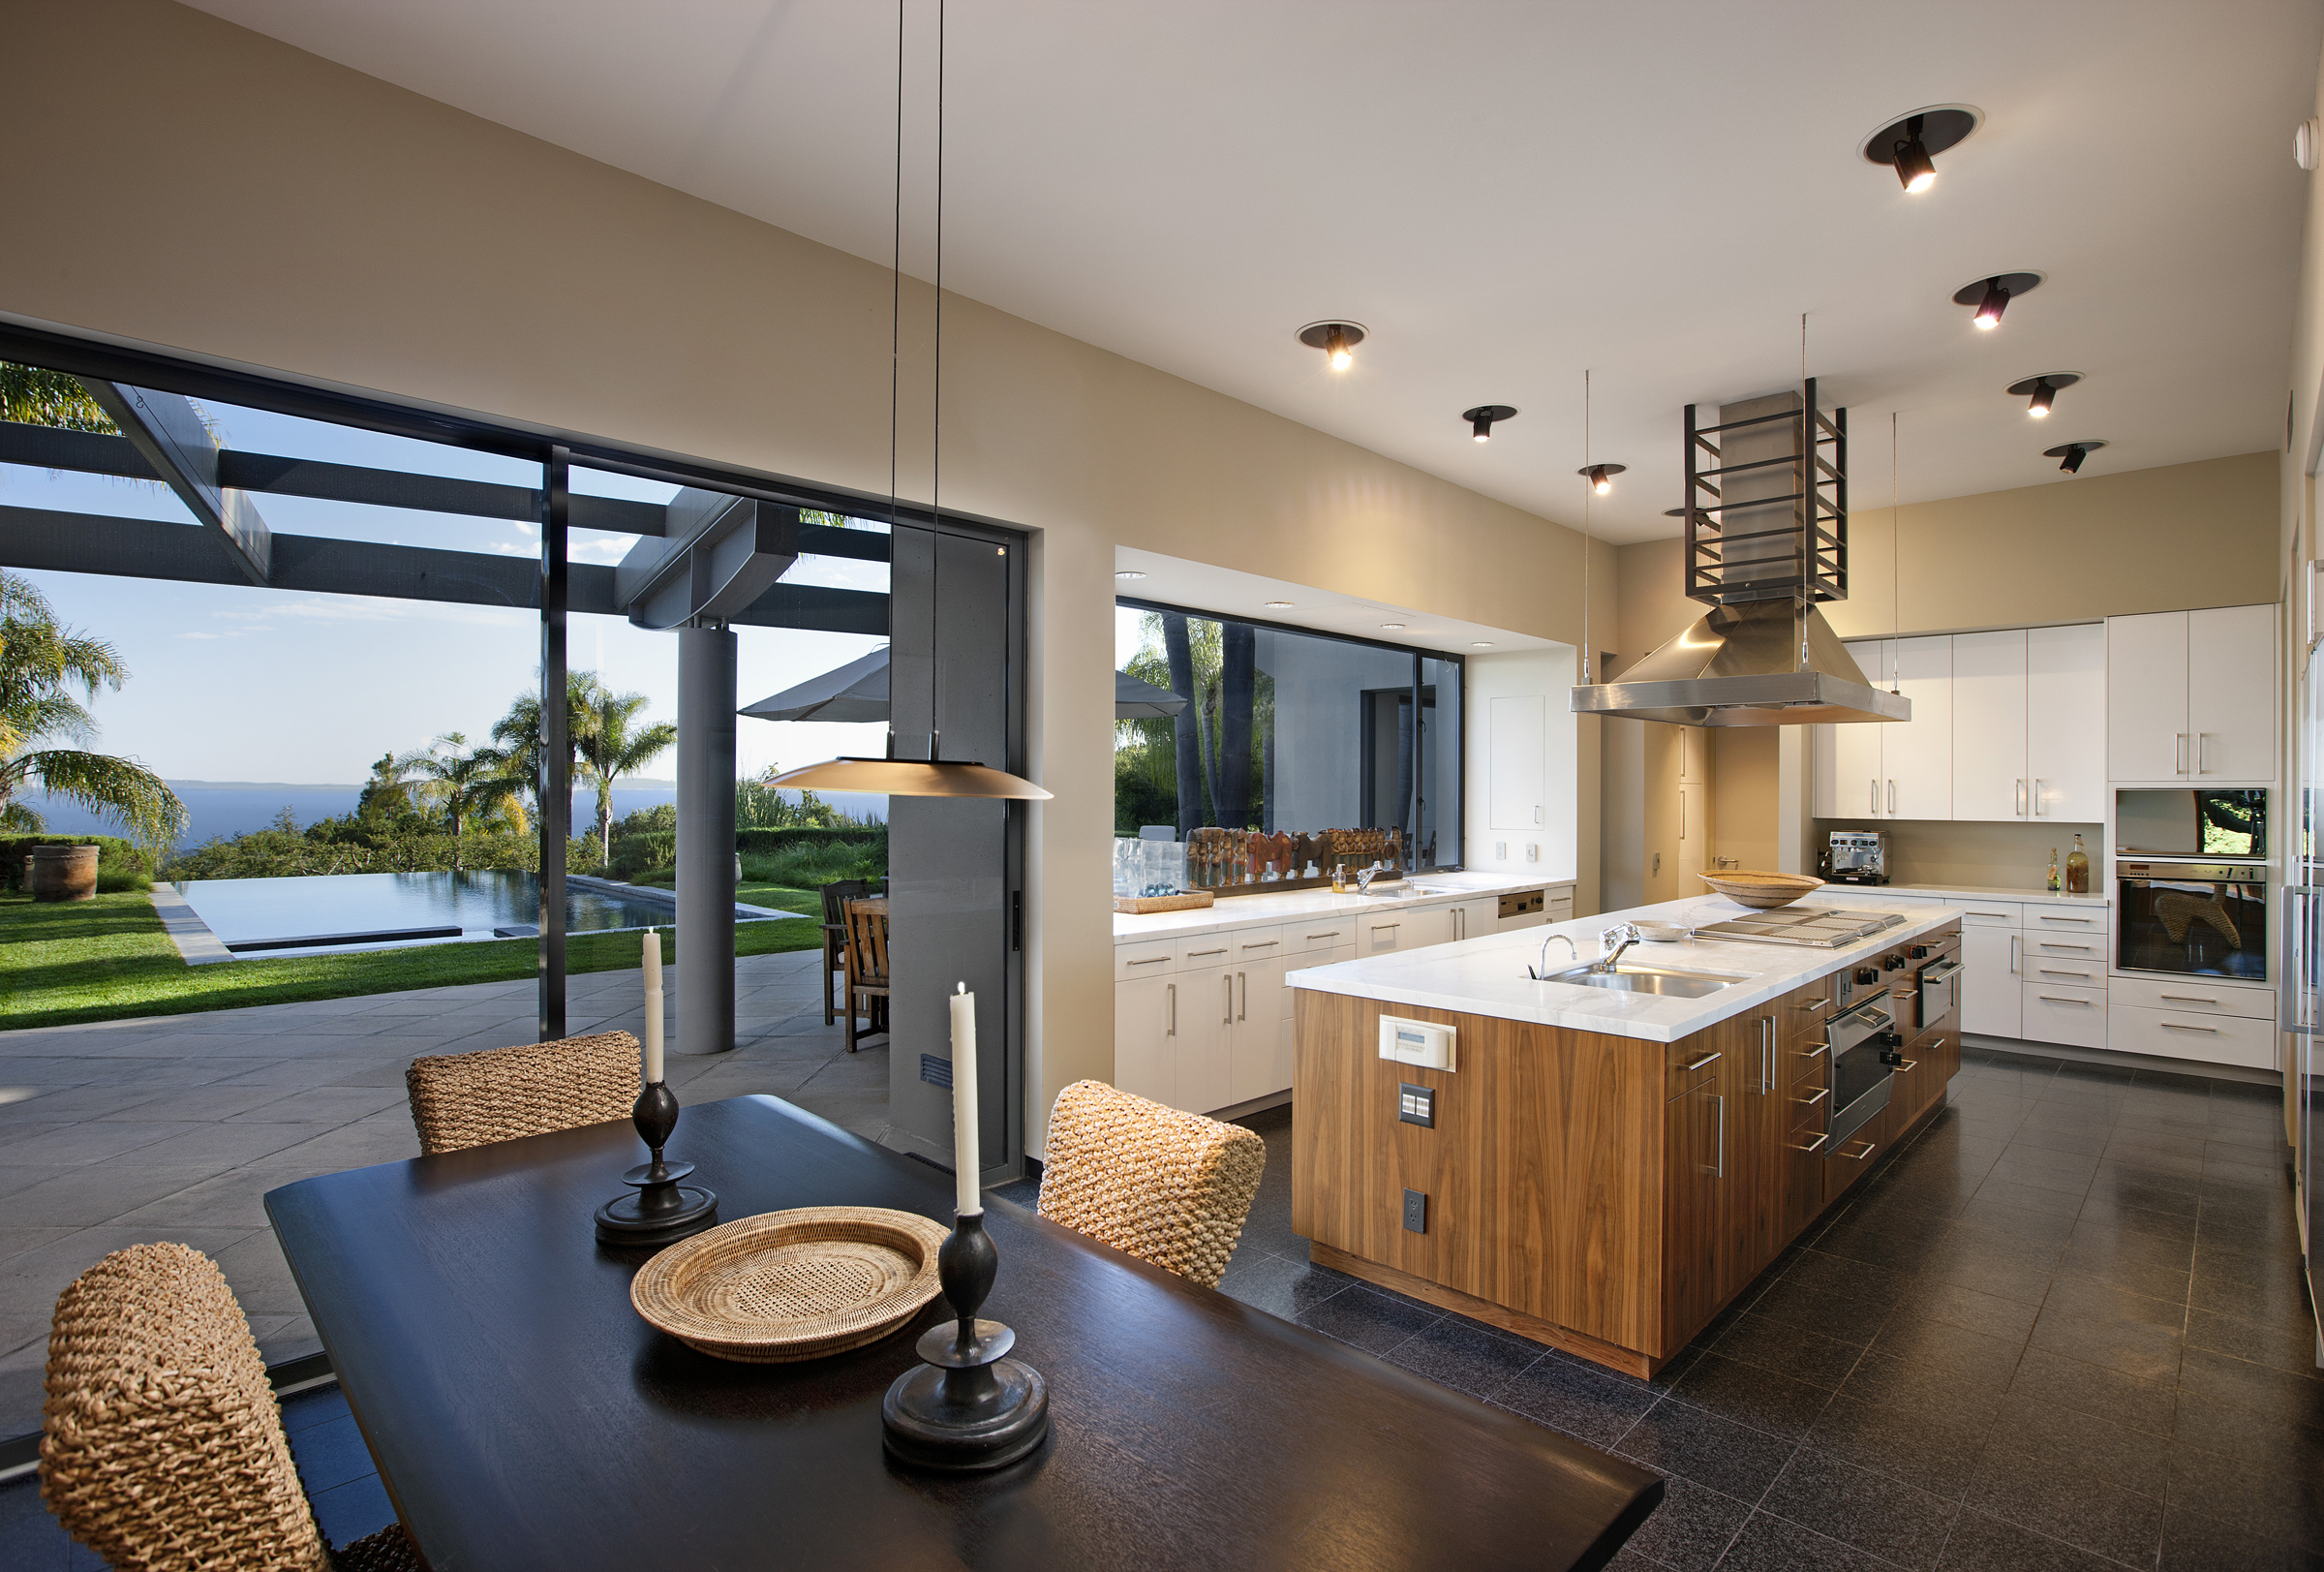 926BuenaVista_kitchen8in.jpg